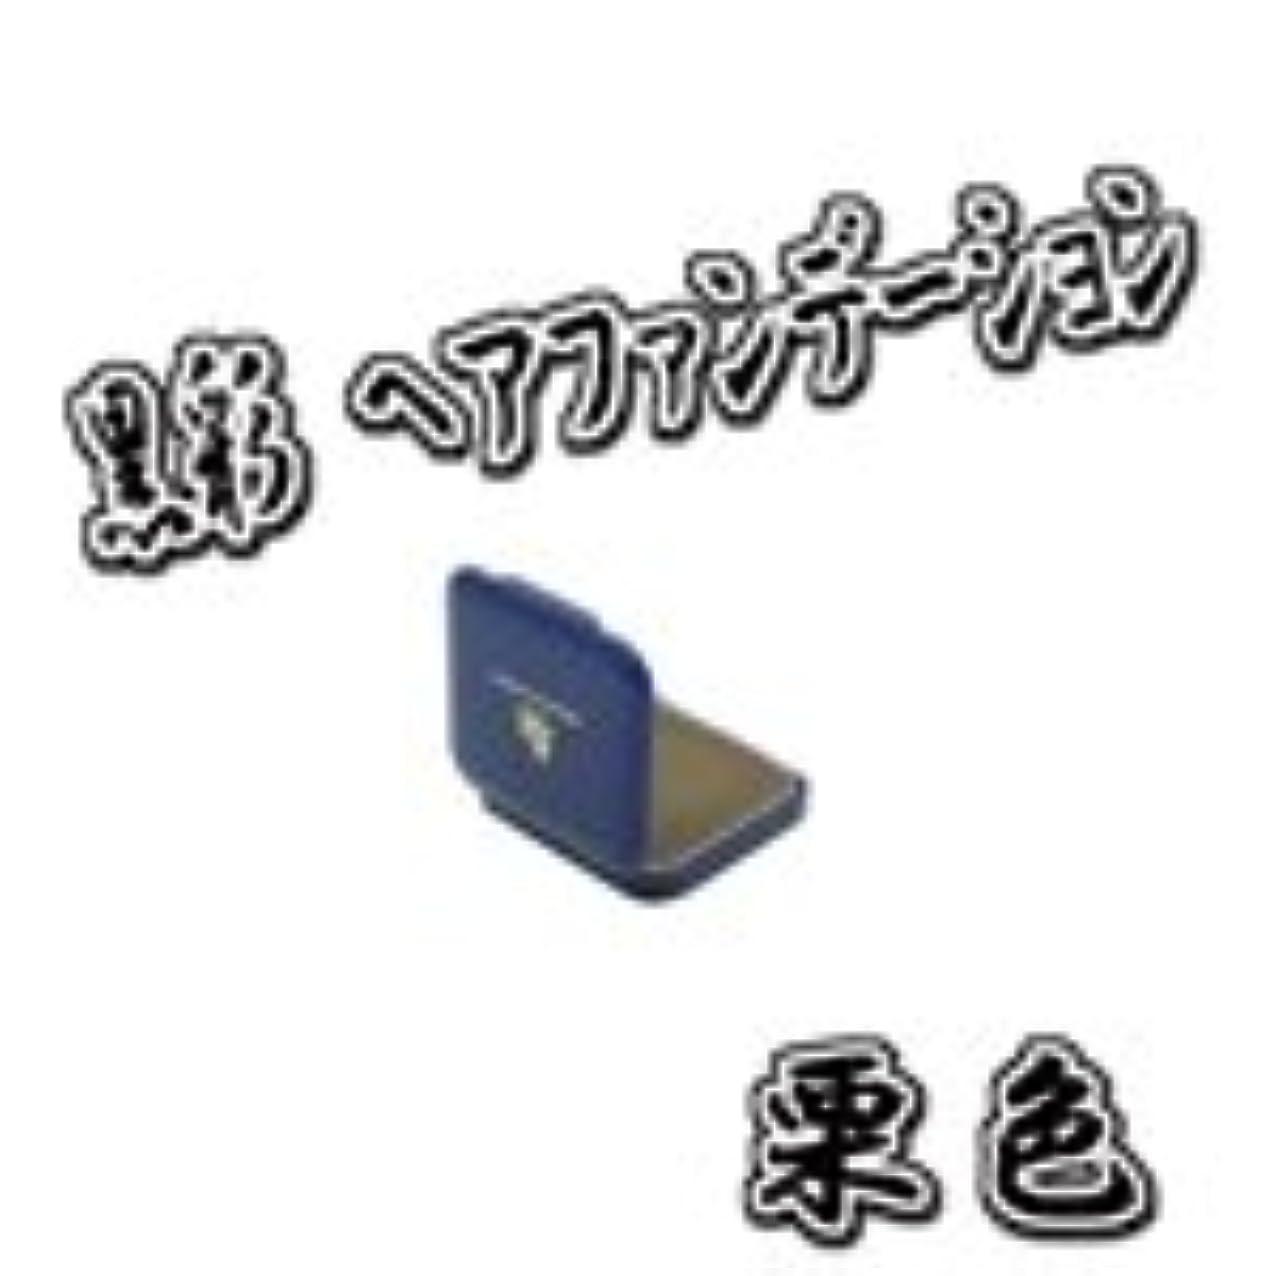 断言する予測子ビルダーAMOROS アモロス 黒彩 ヘアファンデーション 【栗】 13g ミニケース パフ付